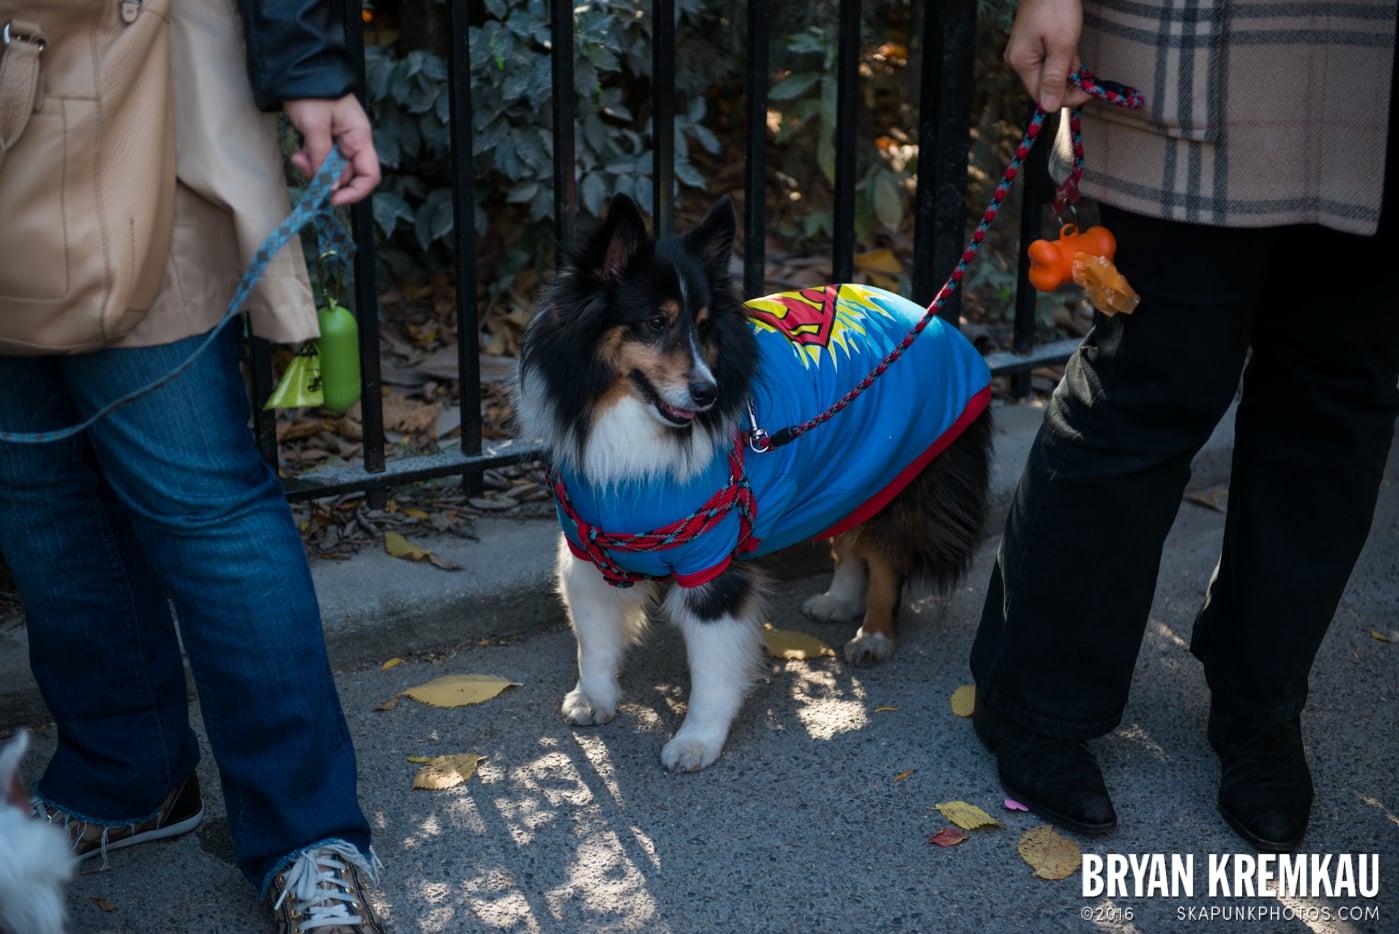 Tompkins Square Halloween Dog Parade 2013 @ Tompkins Square Park, NYC - 10.26.13 (53)